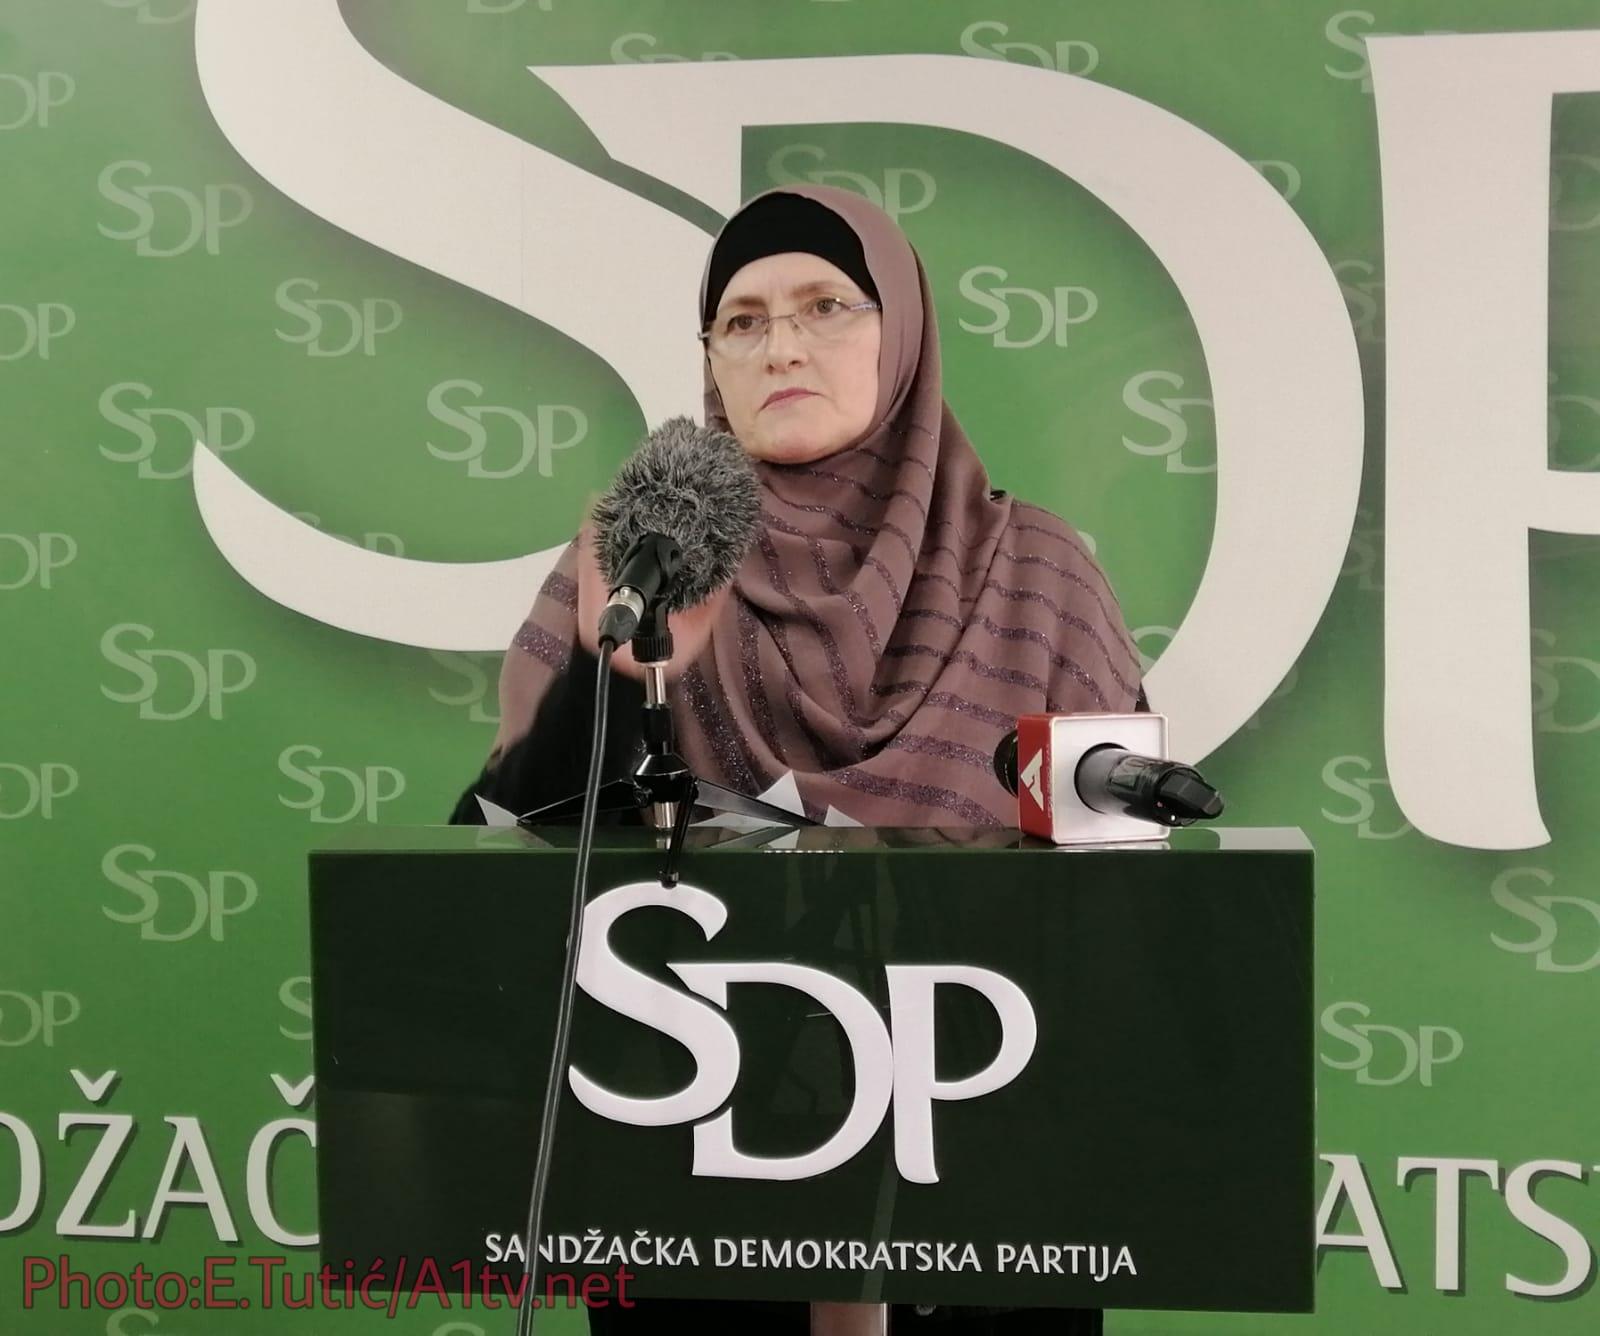 SDP: SPP prvo da detaljno prouči odgovore koje su dobili